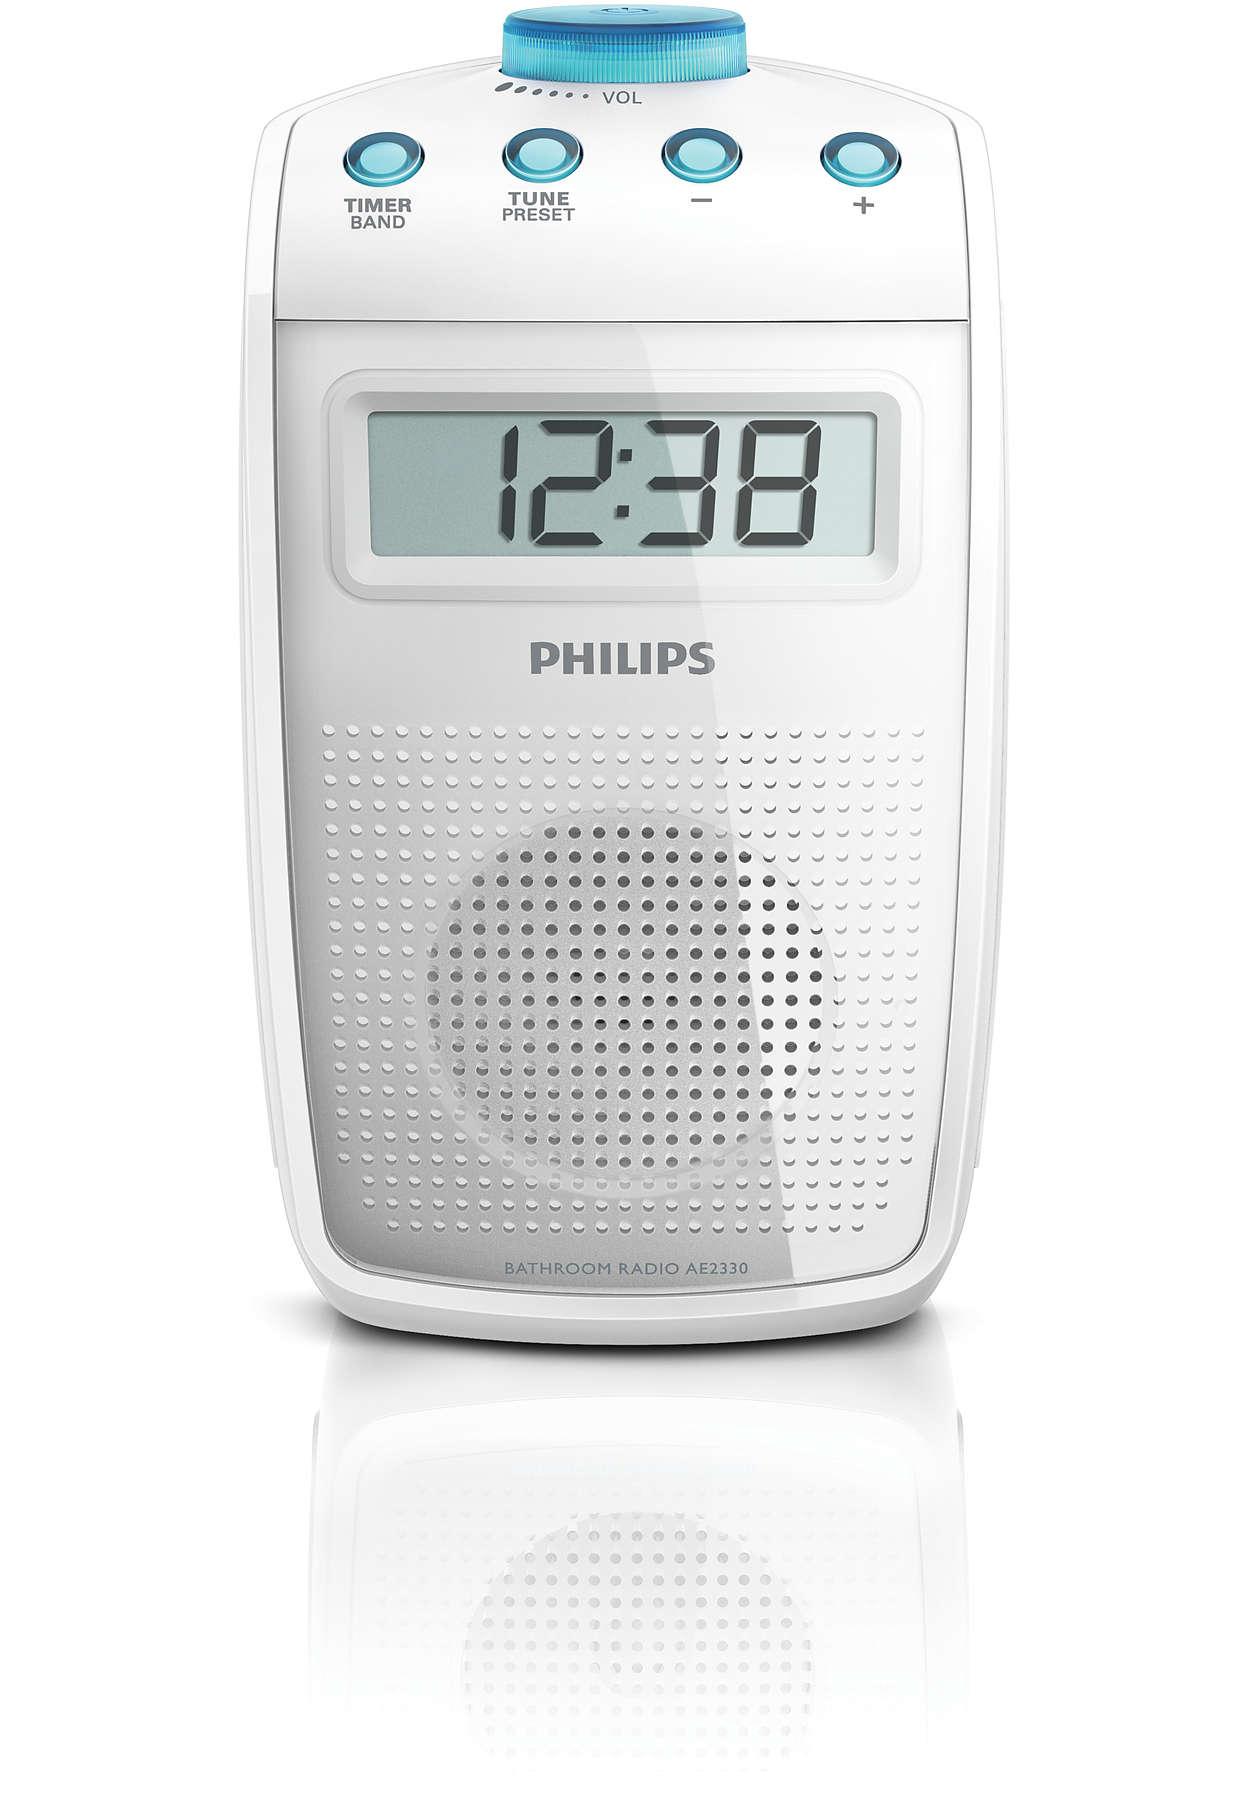 bathroom radio ae2330 00 philips